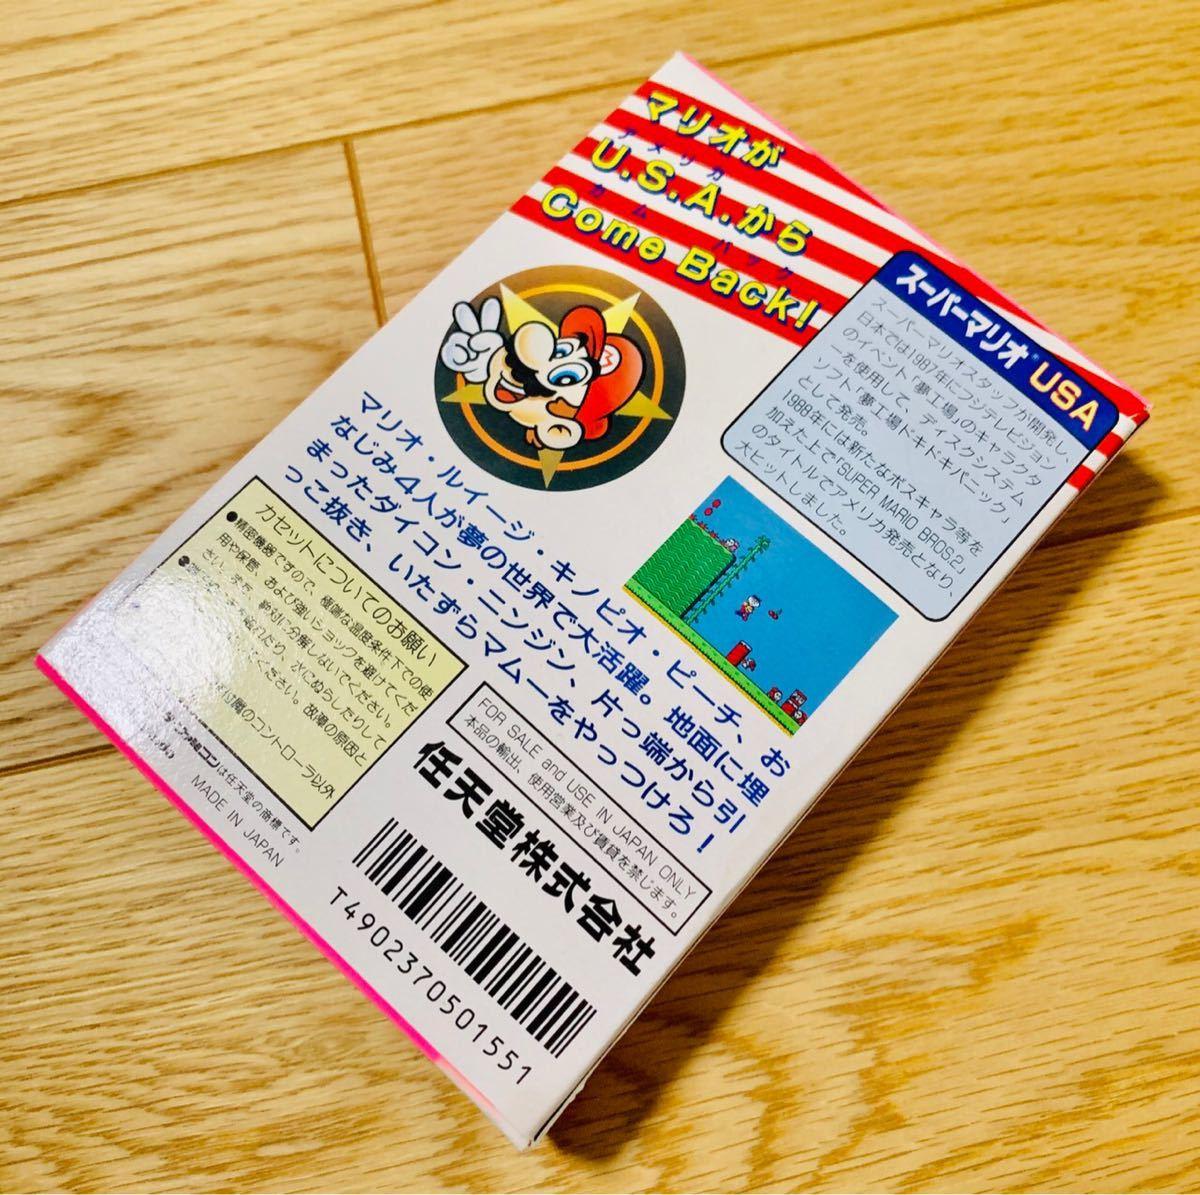 【未開封新品・超極良品】ファミコンソフト スーパーマリオUSA 任天堂 FC 1円スタート 非常に綺麗な新品 当時物 ラスト1本在庫_画像6